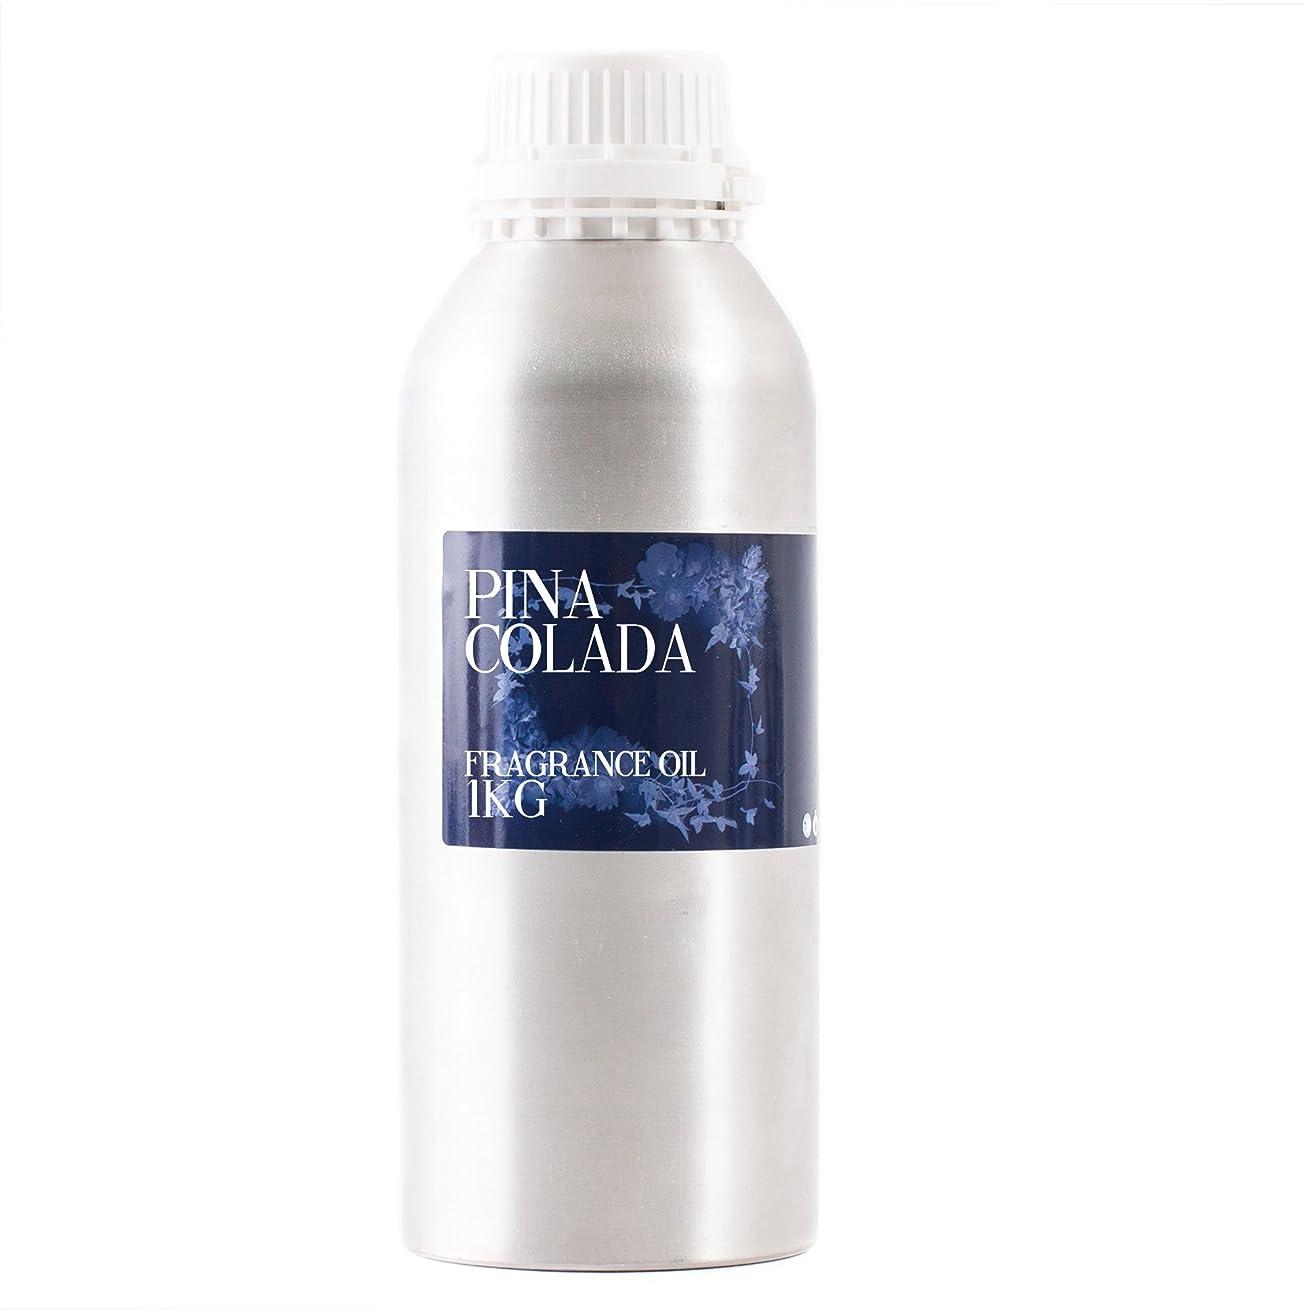 文房具駐地エラーMystic Moments | Pina Colada Fragrance Oil - 1Kg